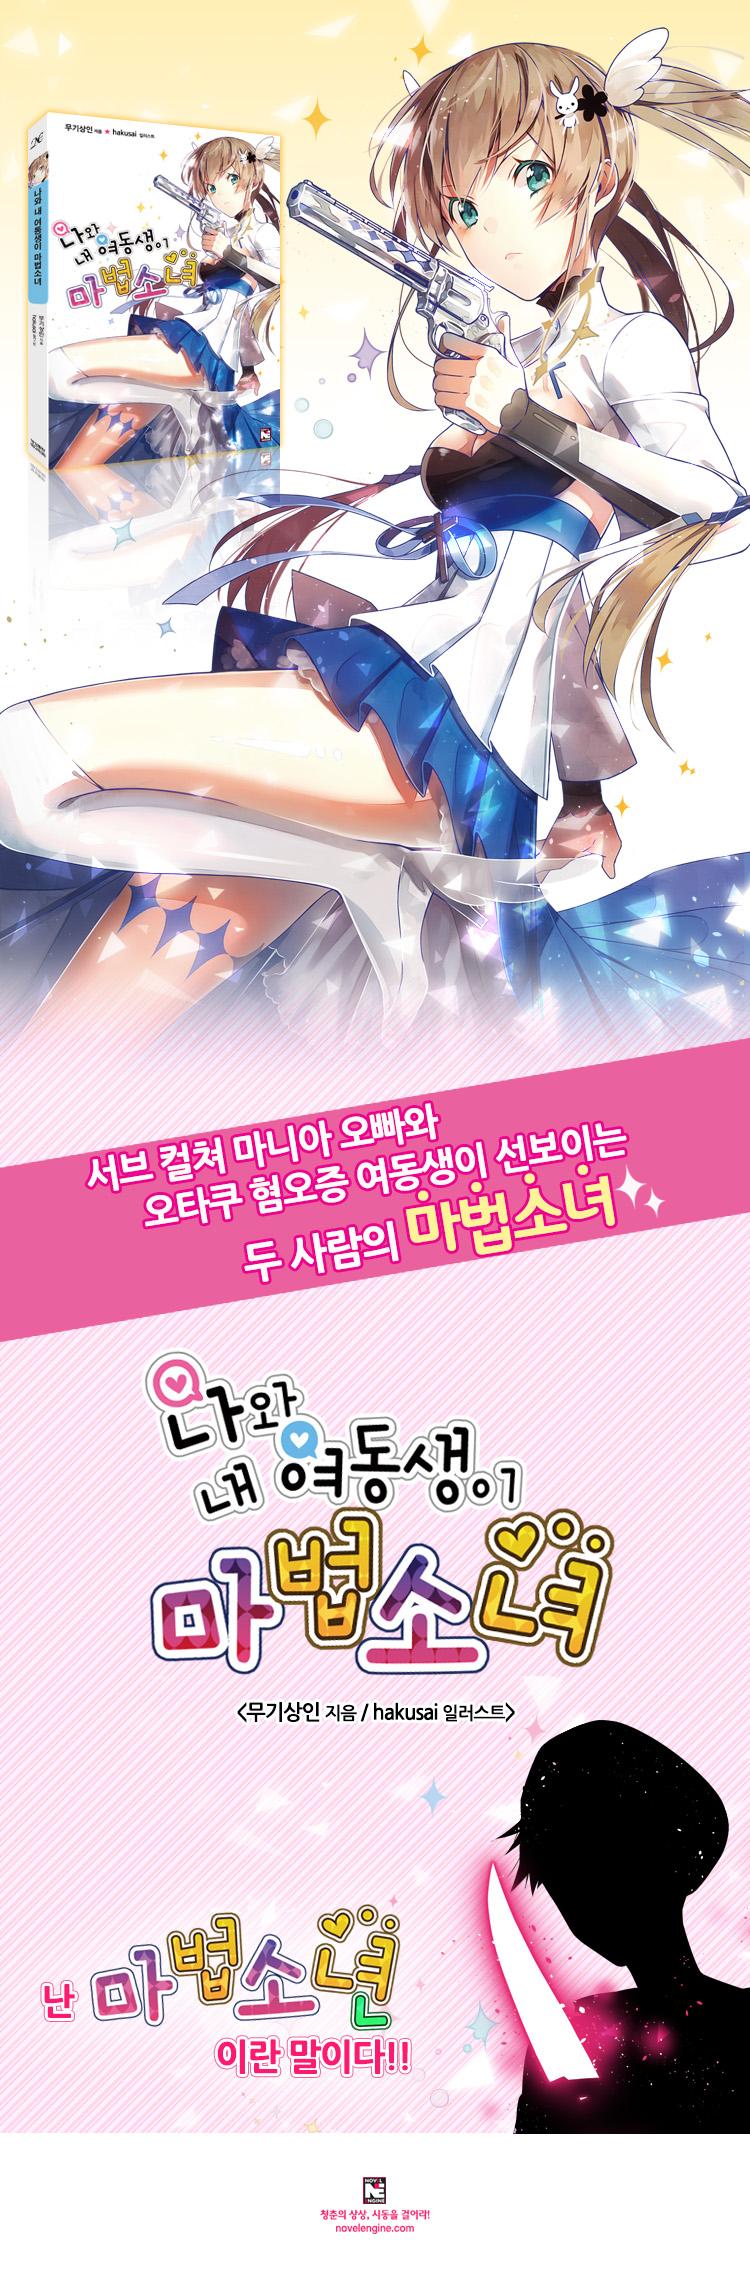 나와내여동생이마법소녀_선행광고.jpg